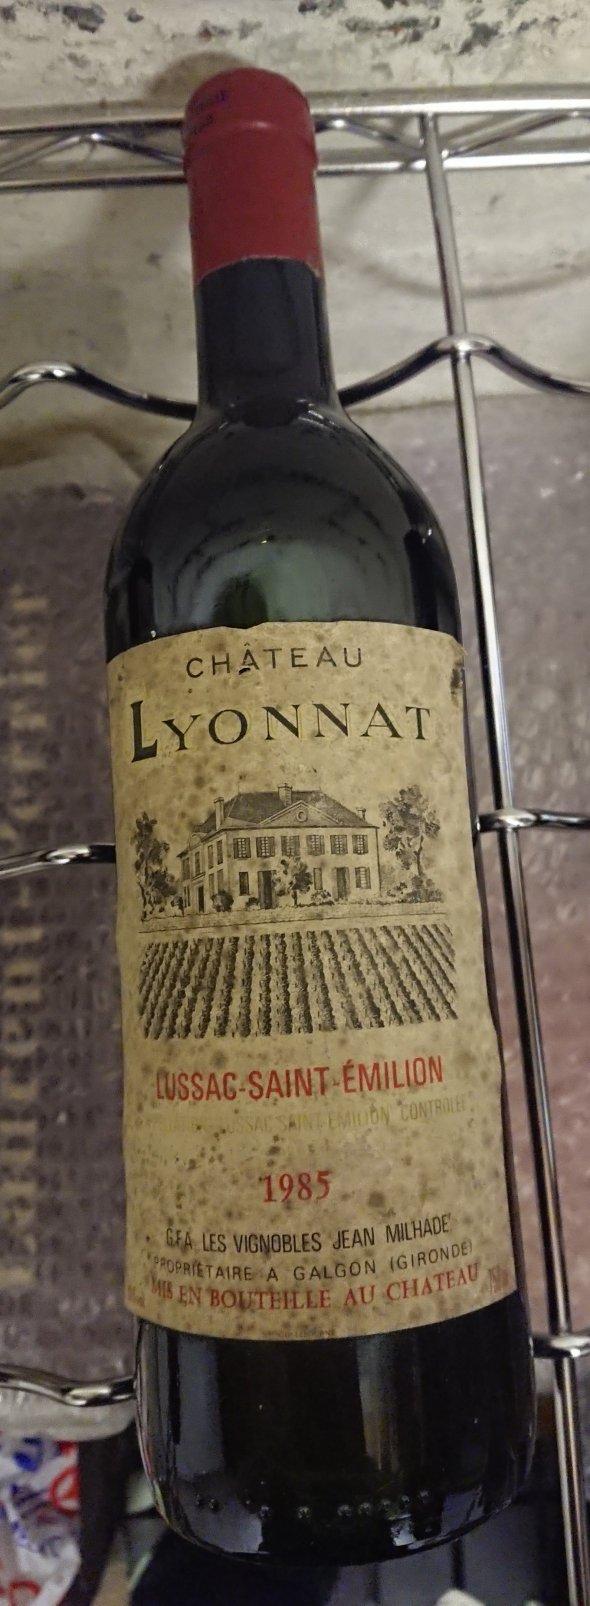 Chateau Lyonnat Lussac Saint Emilion